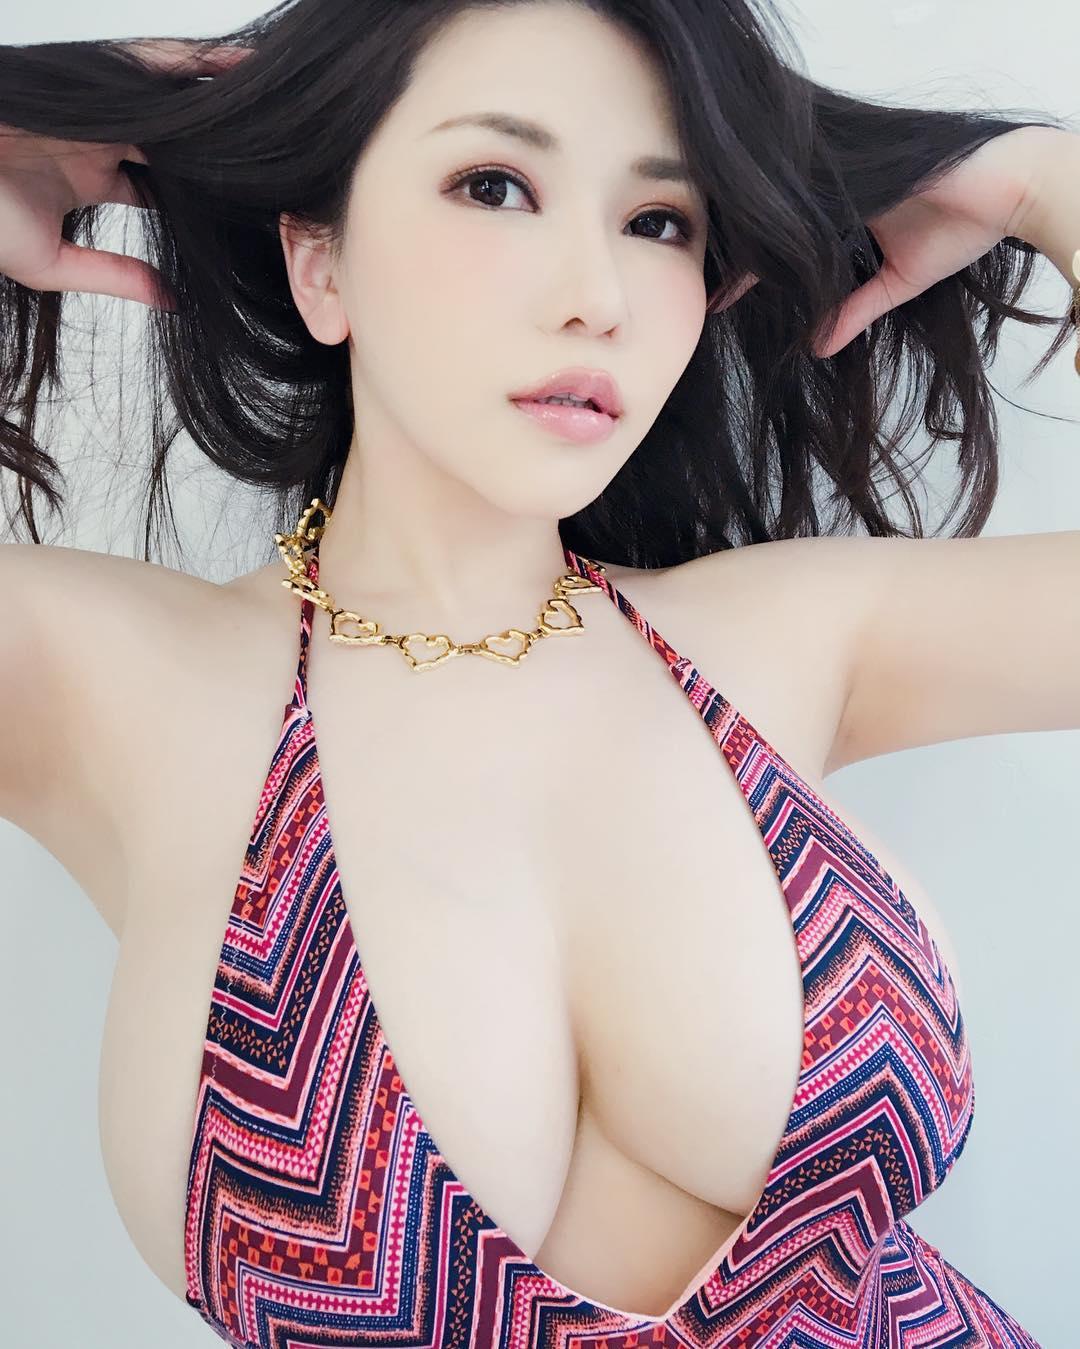 Anri Okita Porn Pic - EPORNER